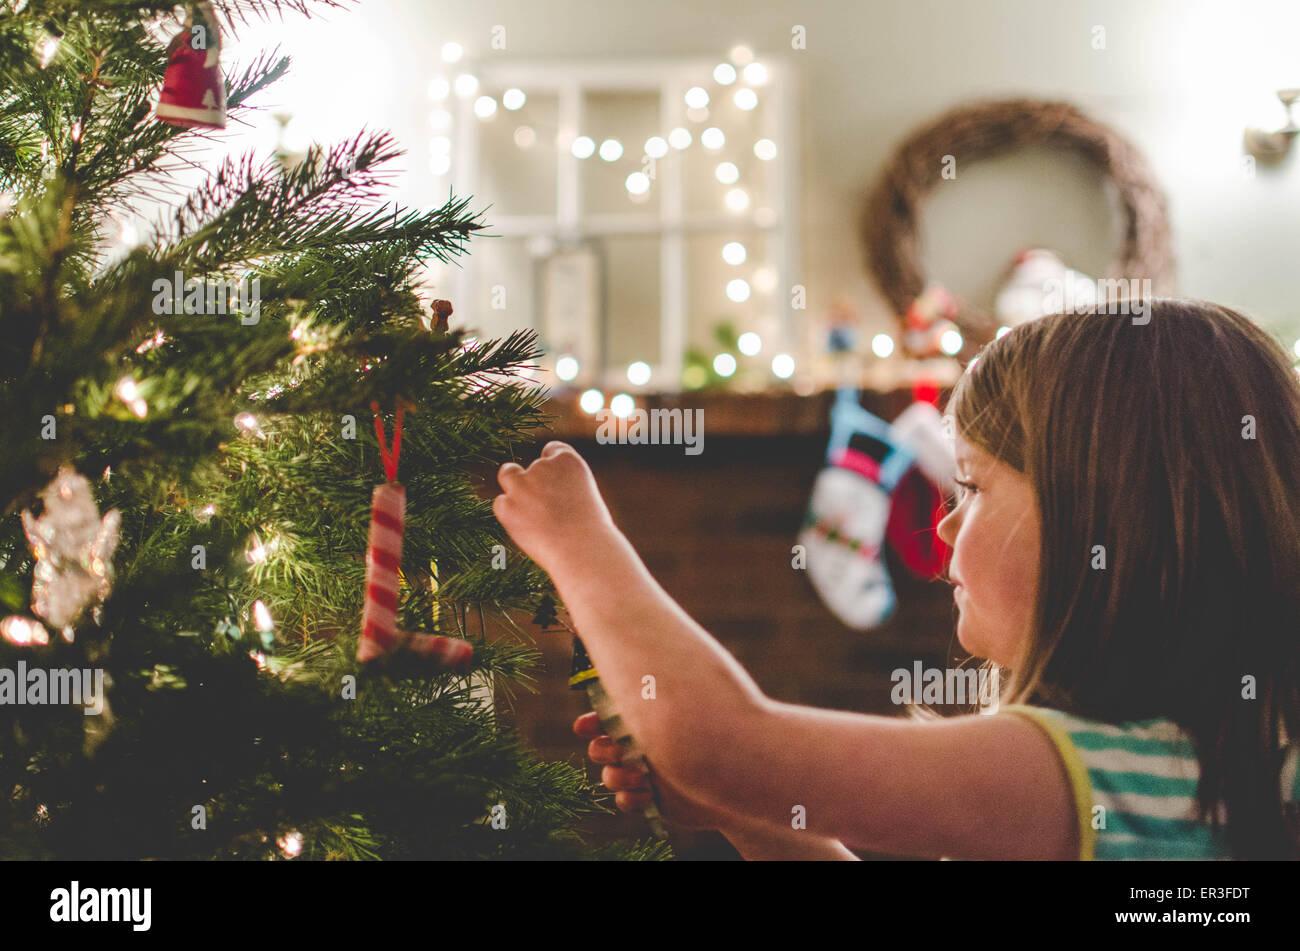 Chica Decorar un árbol de Navidad Imagen De Stock